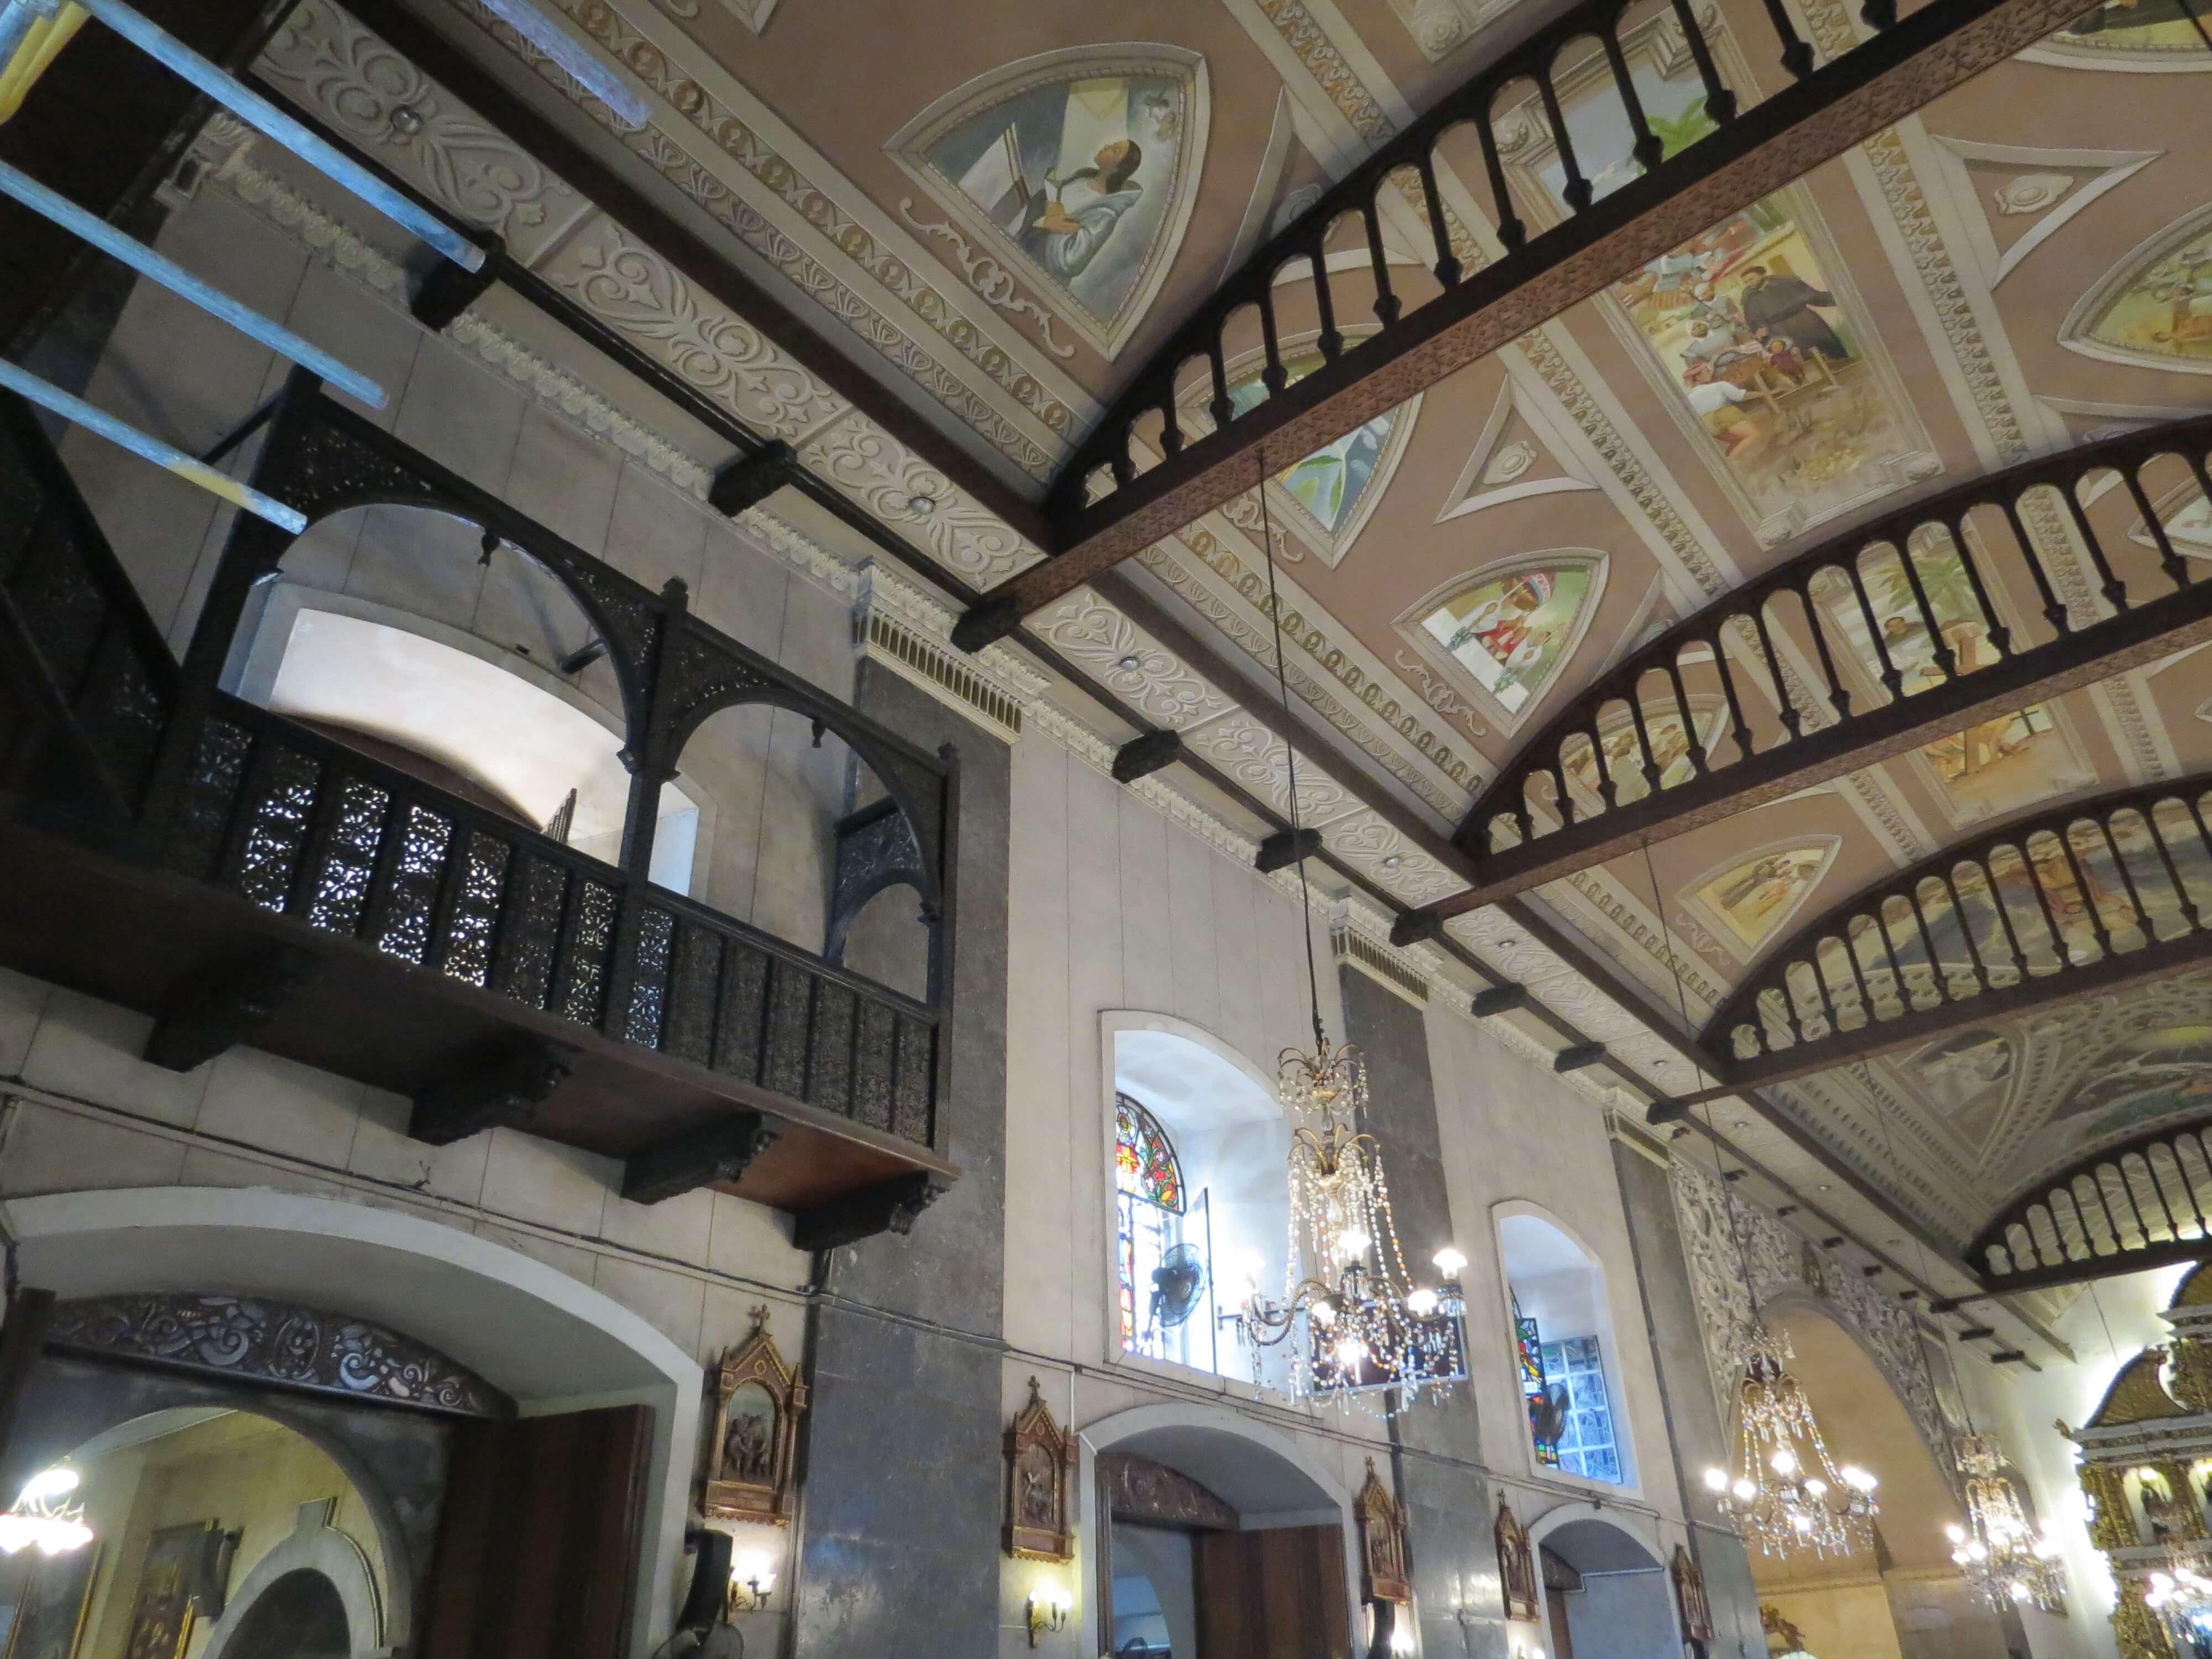 內部十分美麗,有許多玻璃彩繪、精緻壁畫。|Many beautiful paintings inside.